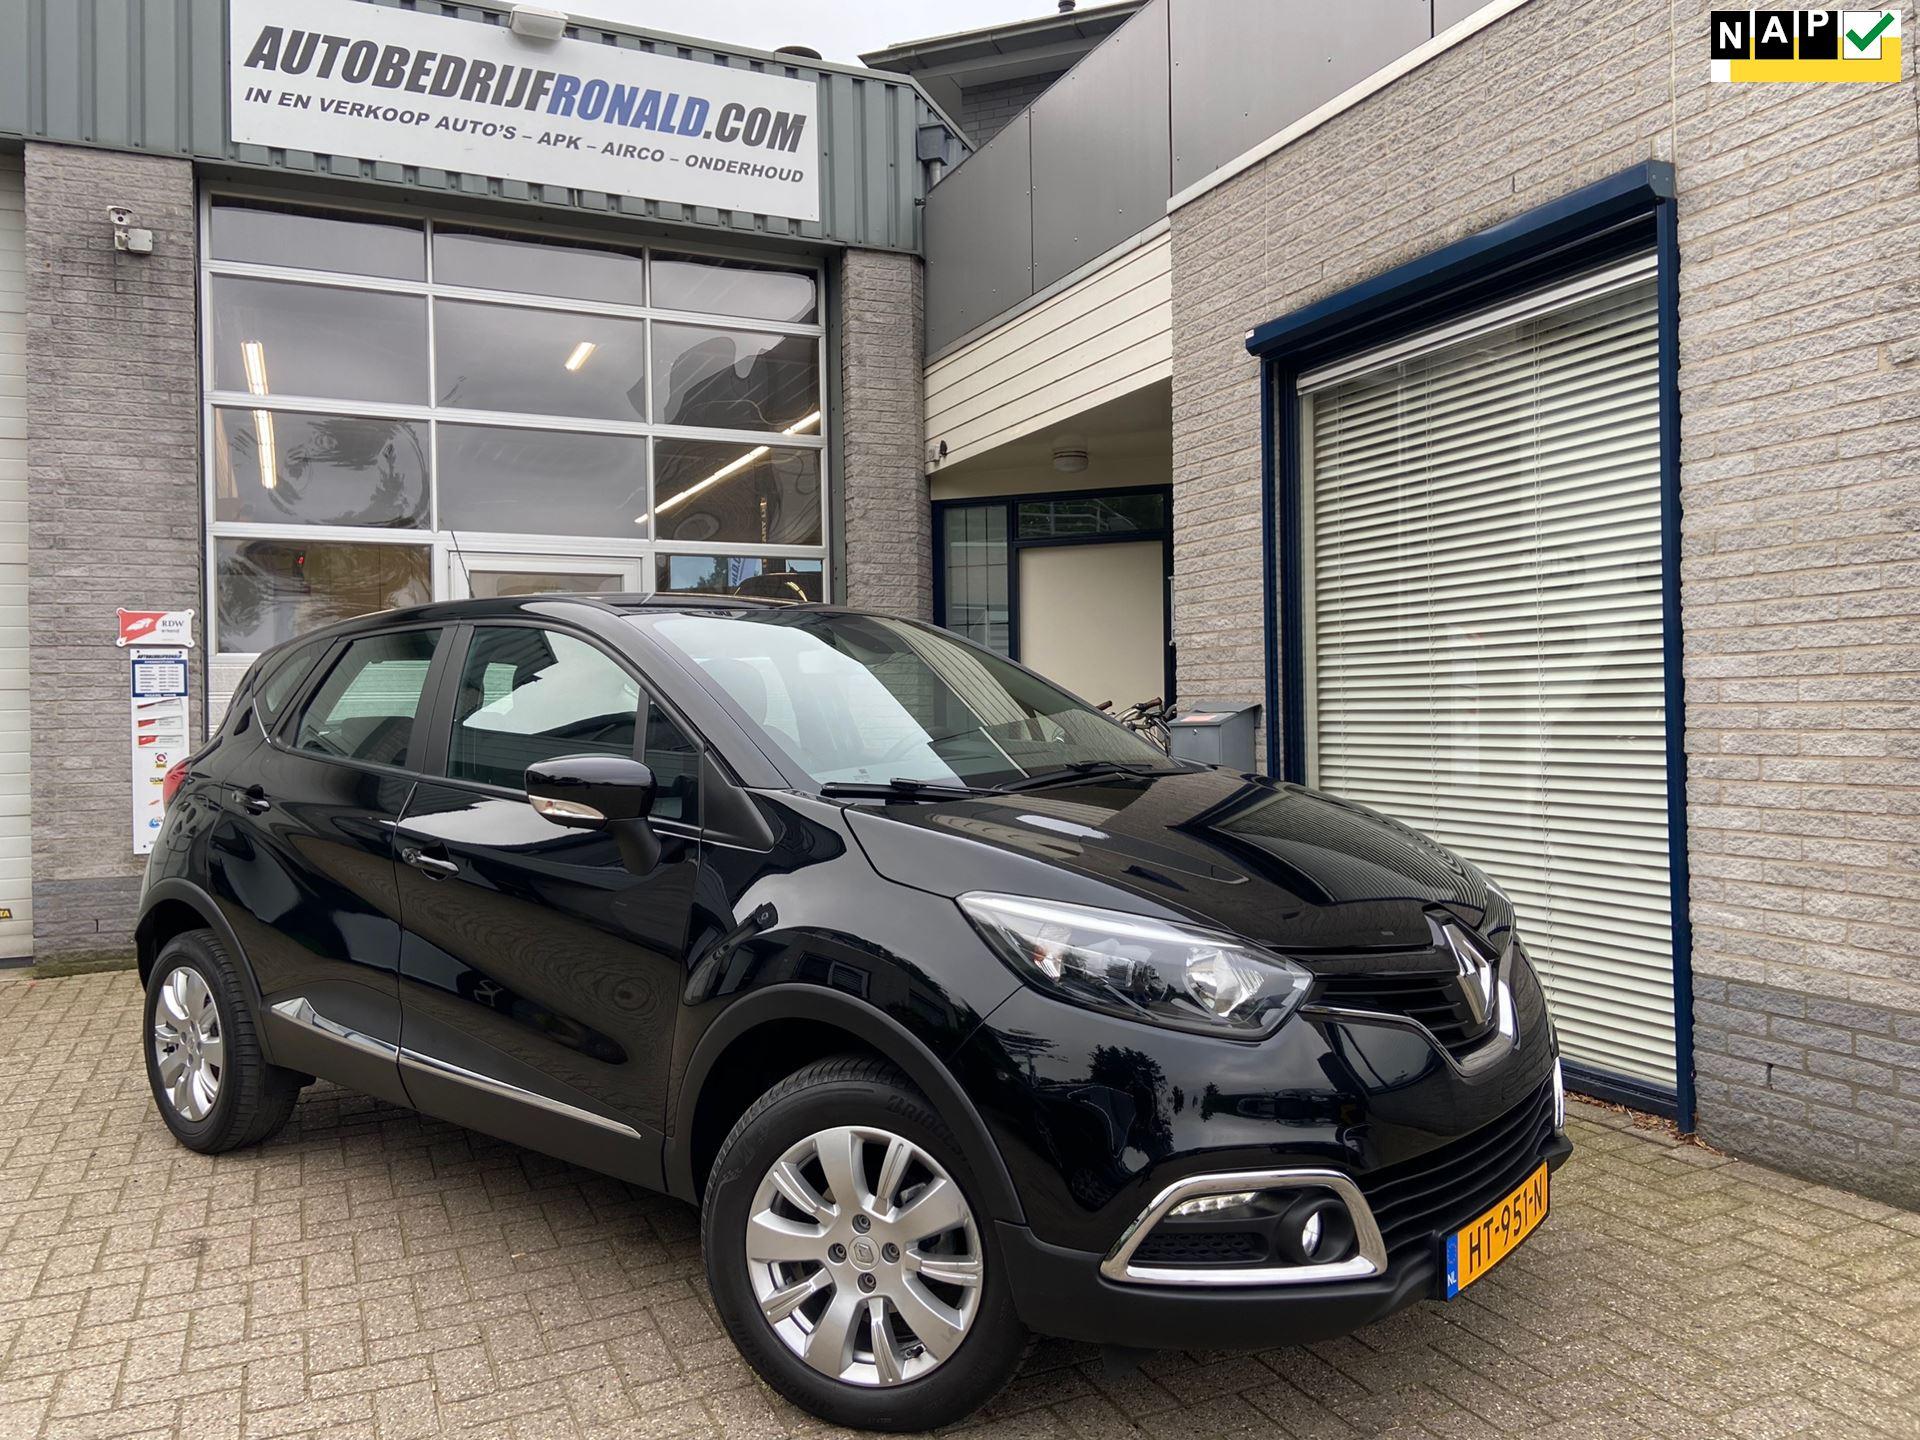 Renault Captur occasion - Autobedrijf Ronald